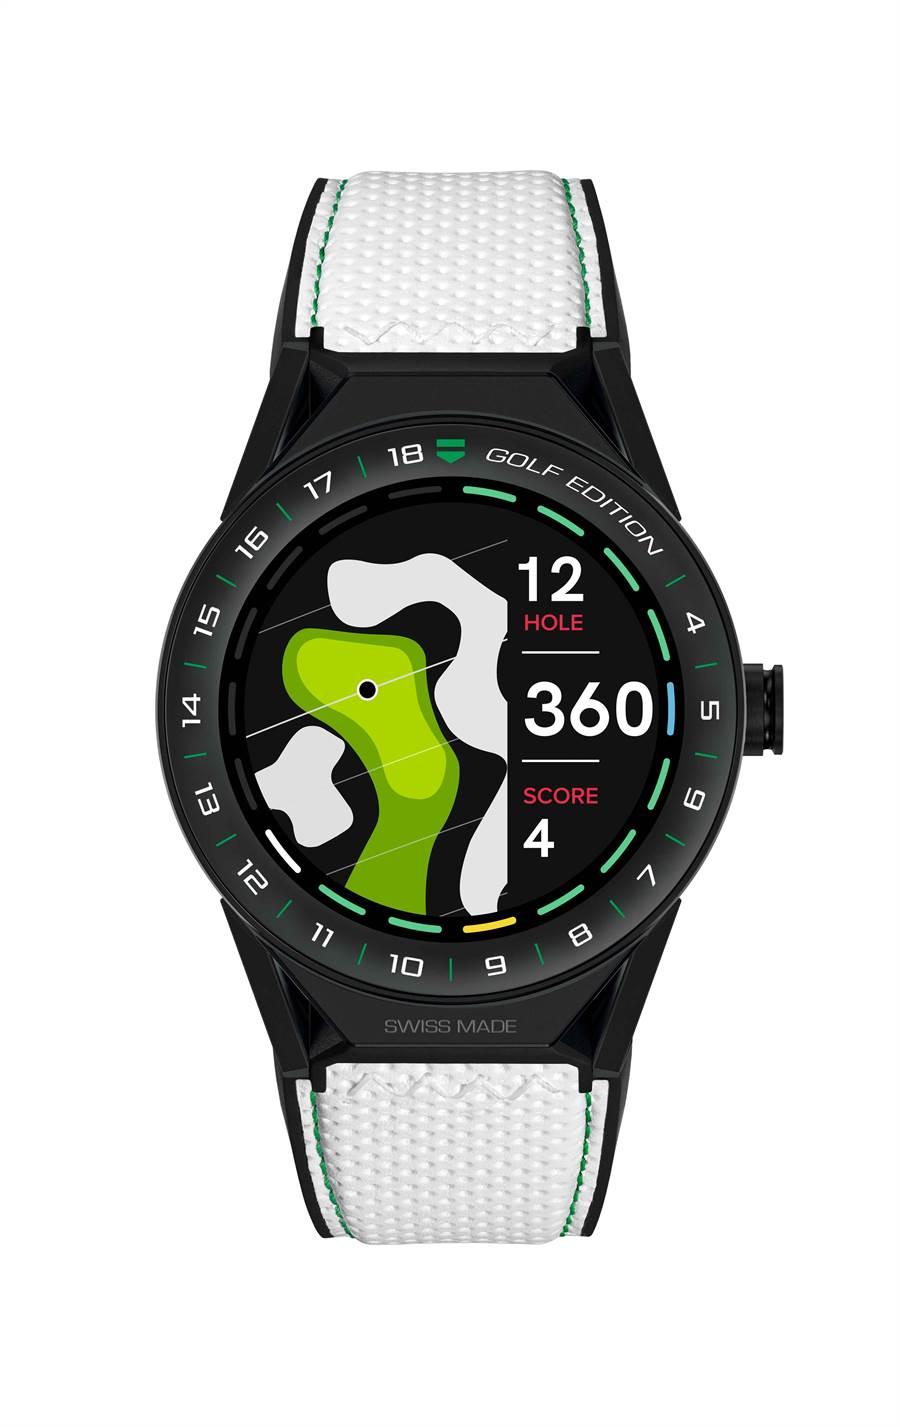 結合高爾夫運動的泰格豪雅TAG Heuer Connected Modular 45智能腕表,可精準分析球場上的表現。(TAG Heuer提供)